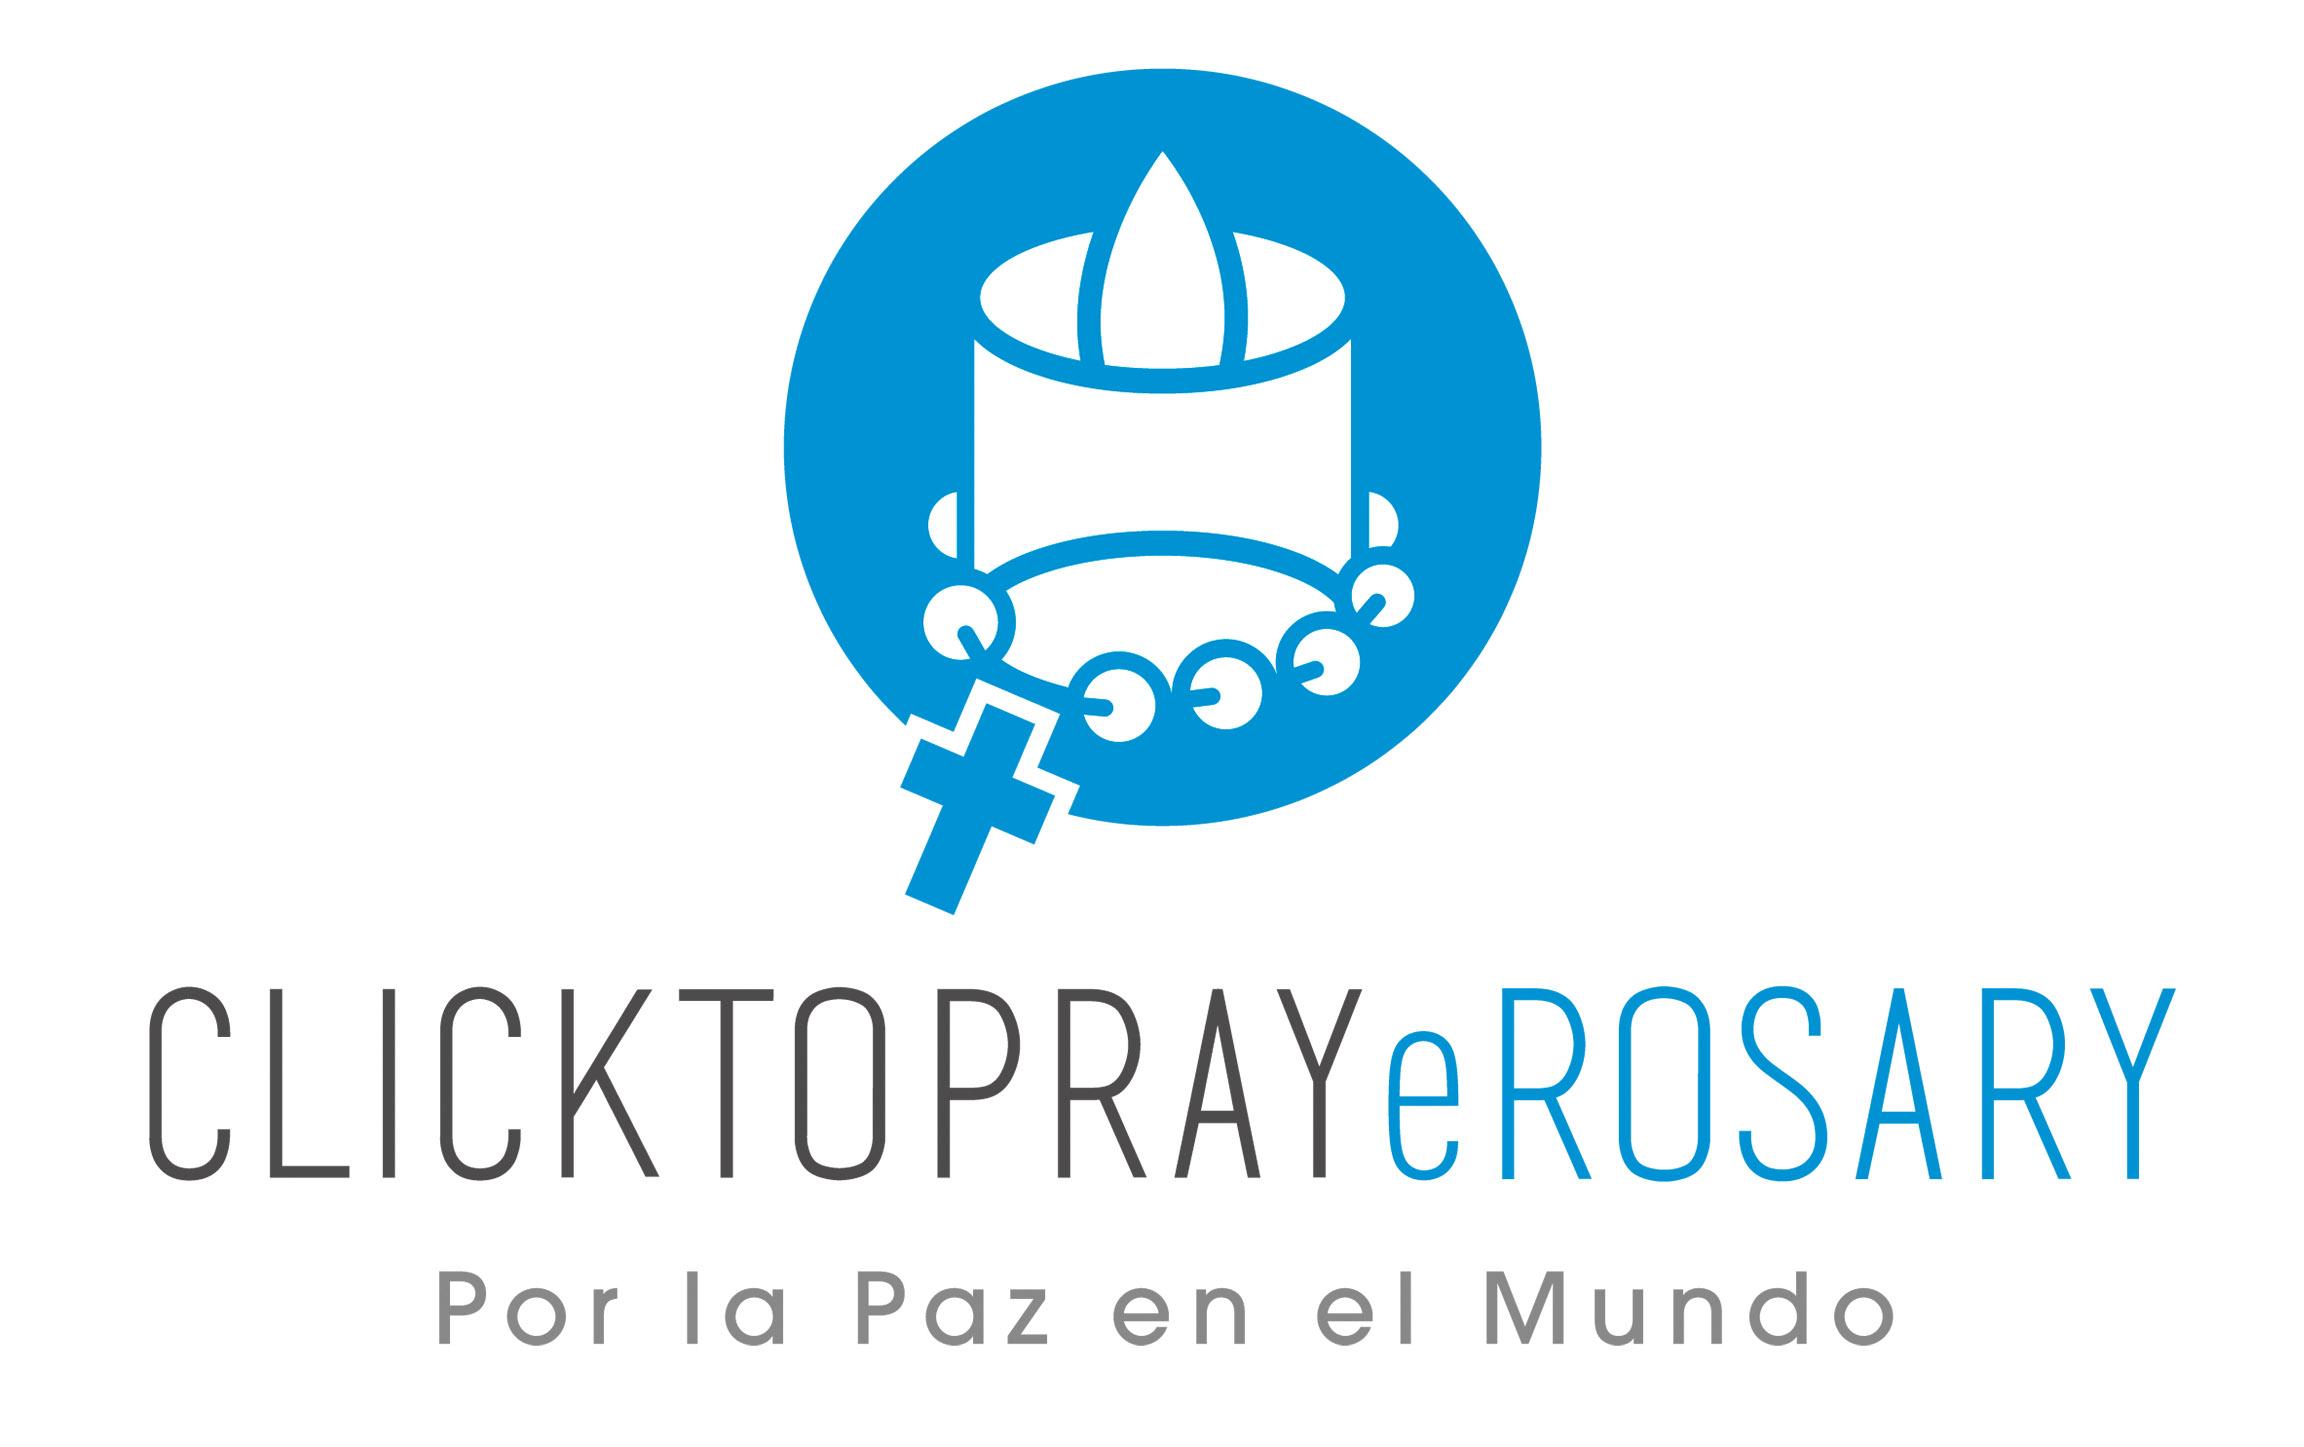 Logo Click To Pray eRosary (Por la Paz en el Mundo)